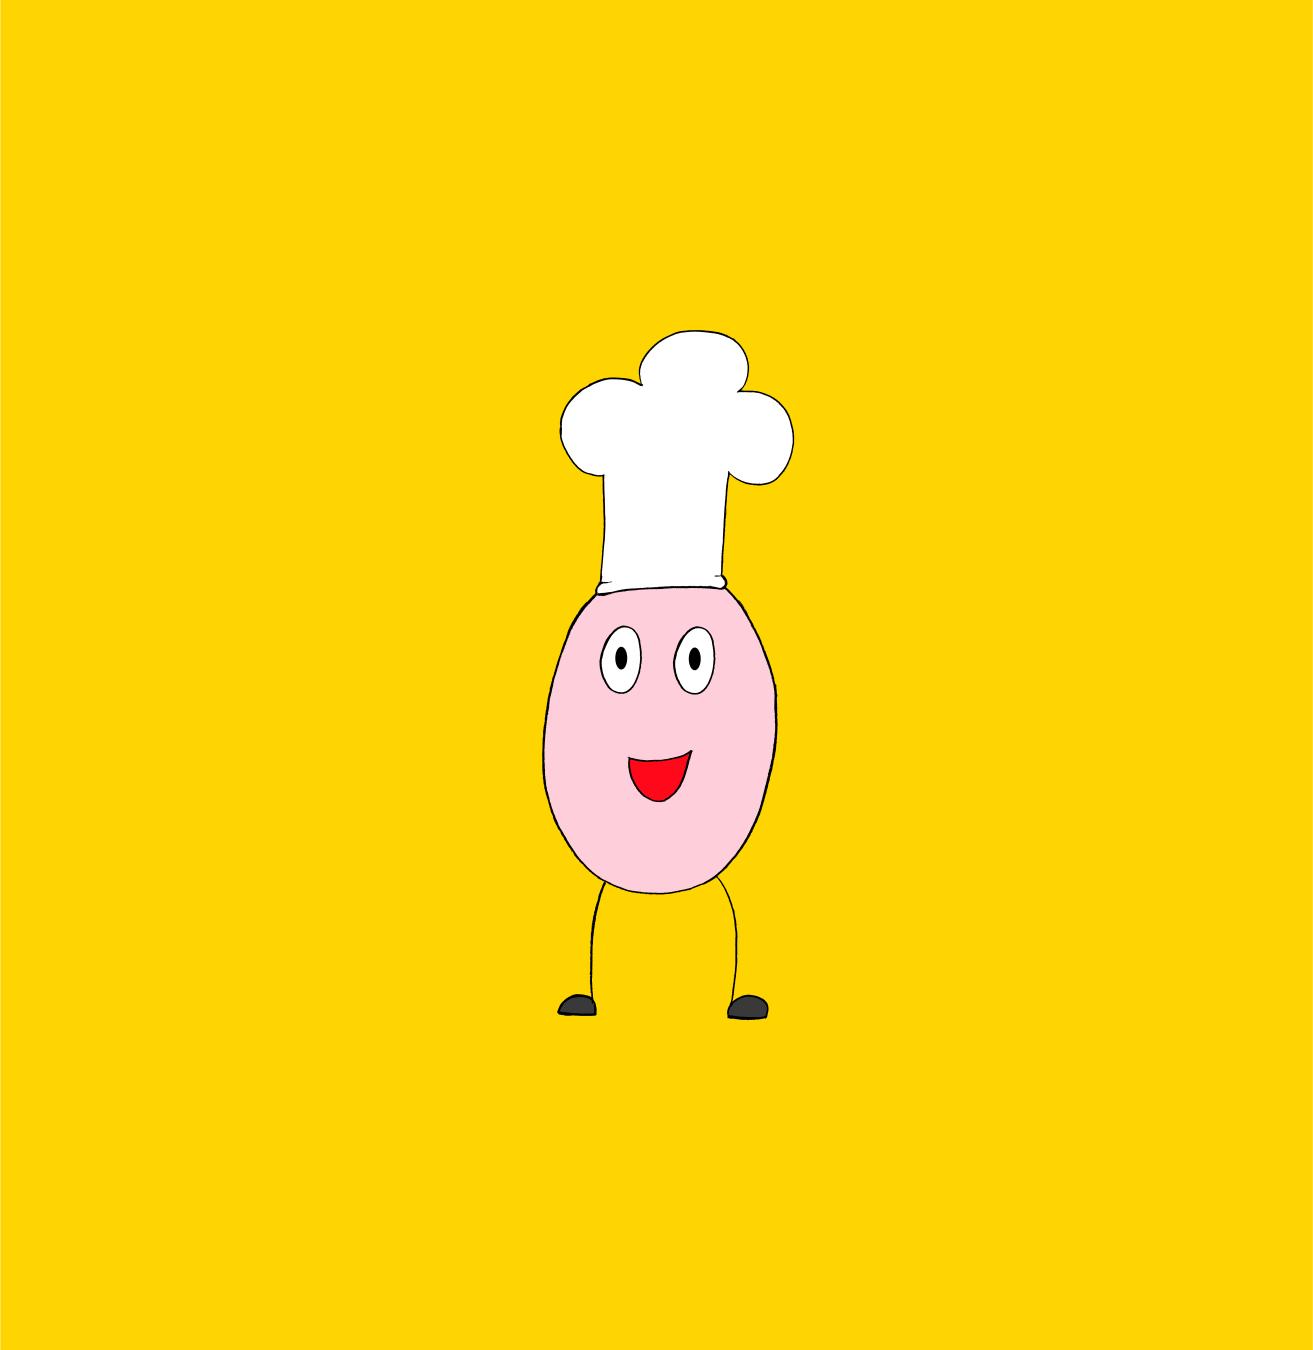 Libri di cucina per bambini olimpia ruiz di altamirano for Libri di cucina per principianti